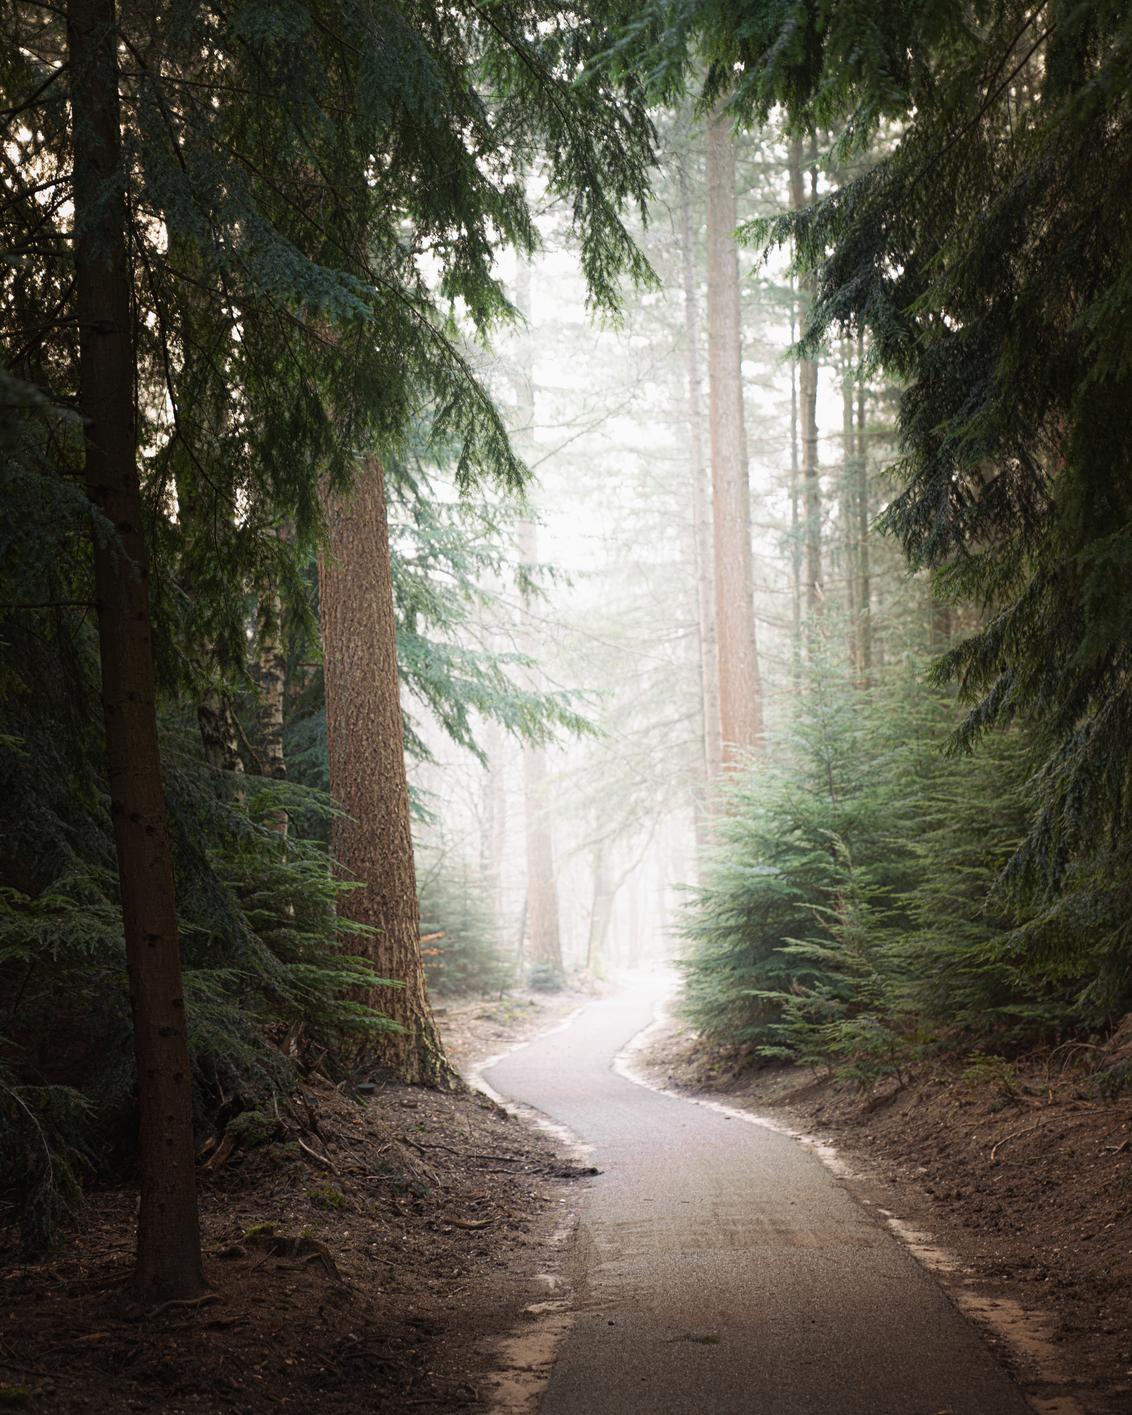 P A T H - - - foto door Hendrik1986 op 02-02-2021 - deze foto bevat: wolken, zon, natuur, licht, winter, landschap, bos, pad, bomen